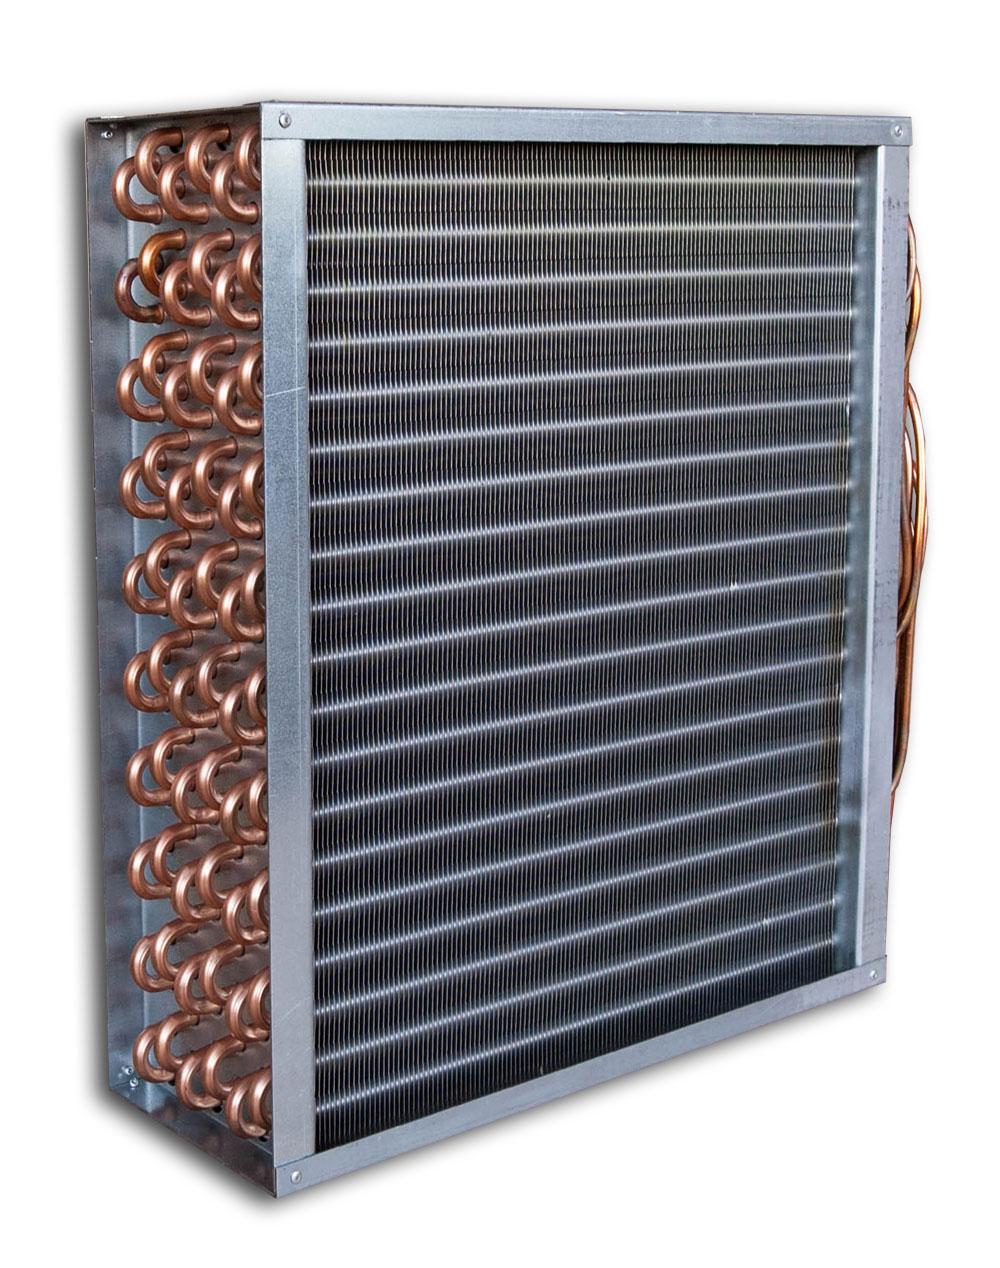 Теплообменник дли центрального кондиционирования теплообменники графитовые кожухотрубчатые